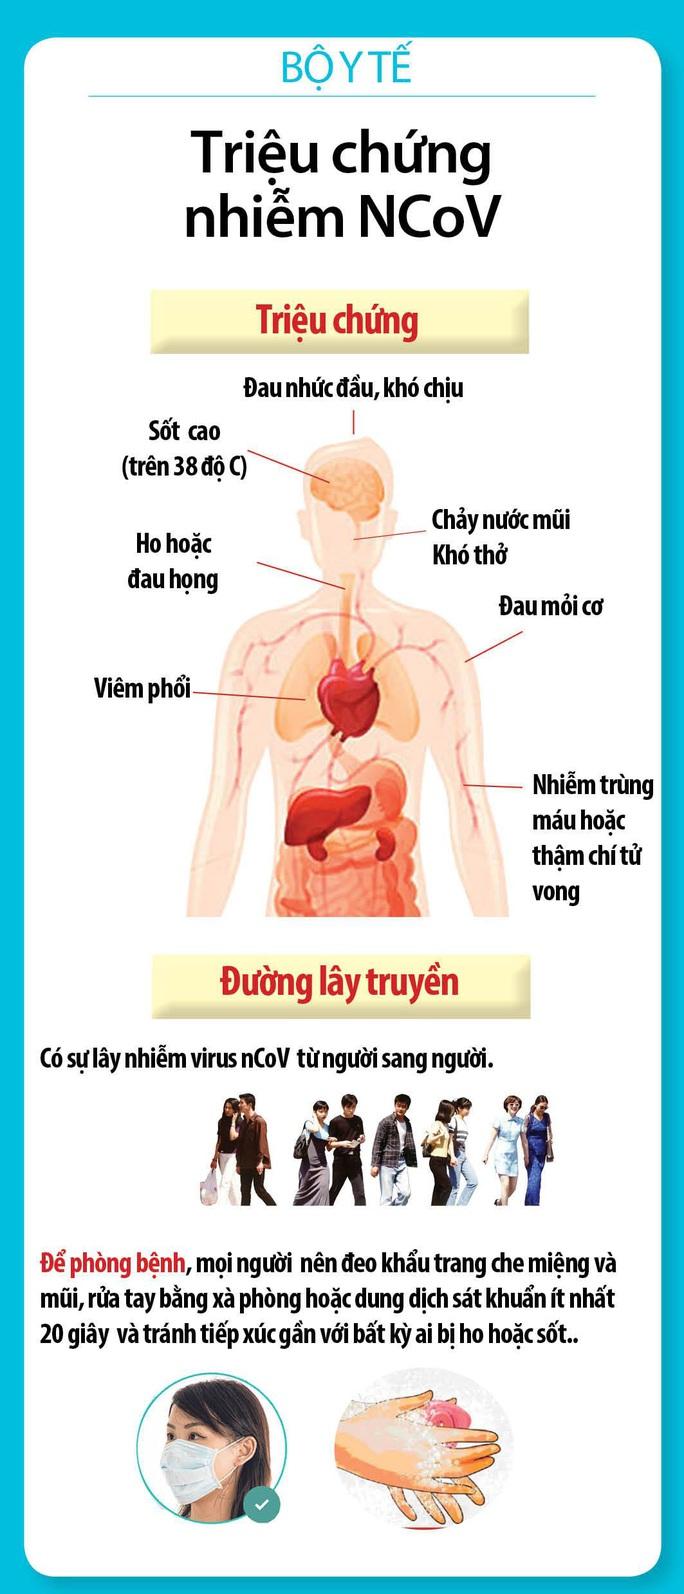 Việt kiều Mỹ nhiễm virus corona đã quá cảnh ở Vũ Hán 2 giờ - Ảnh 2.